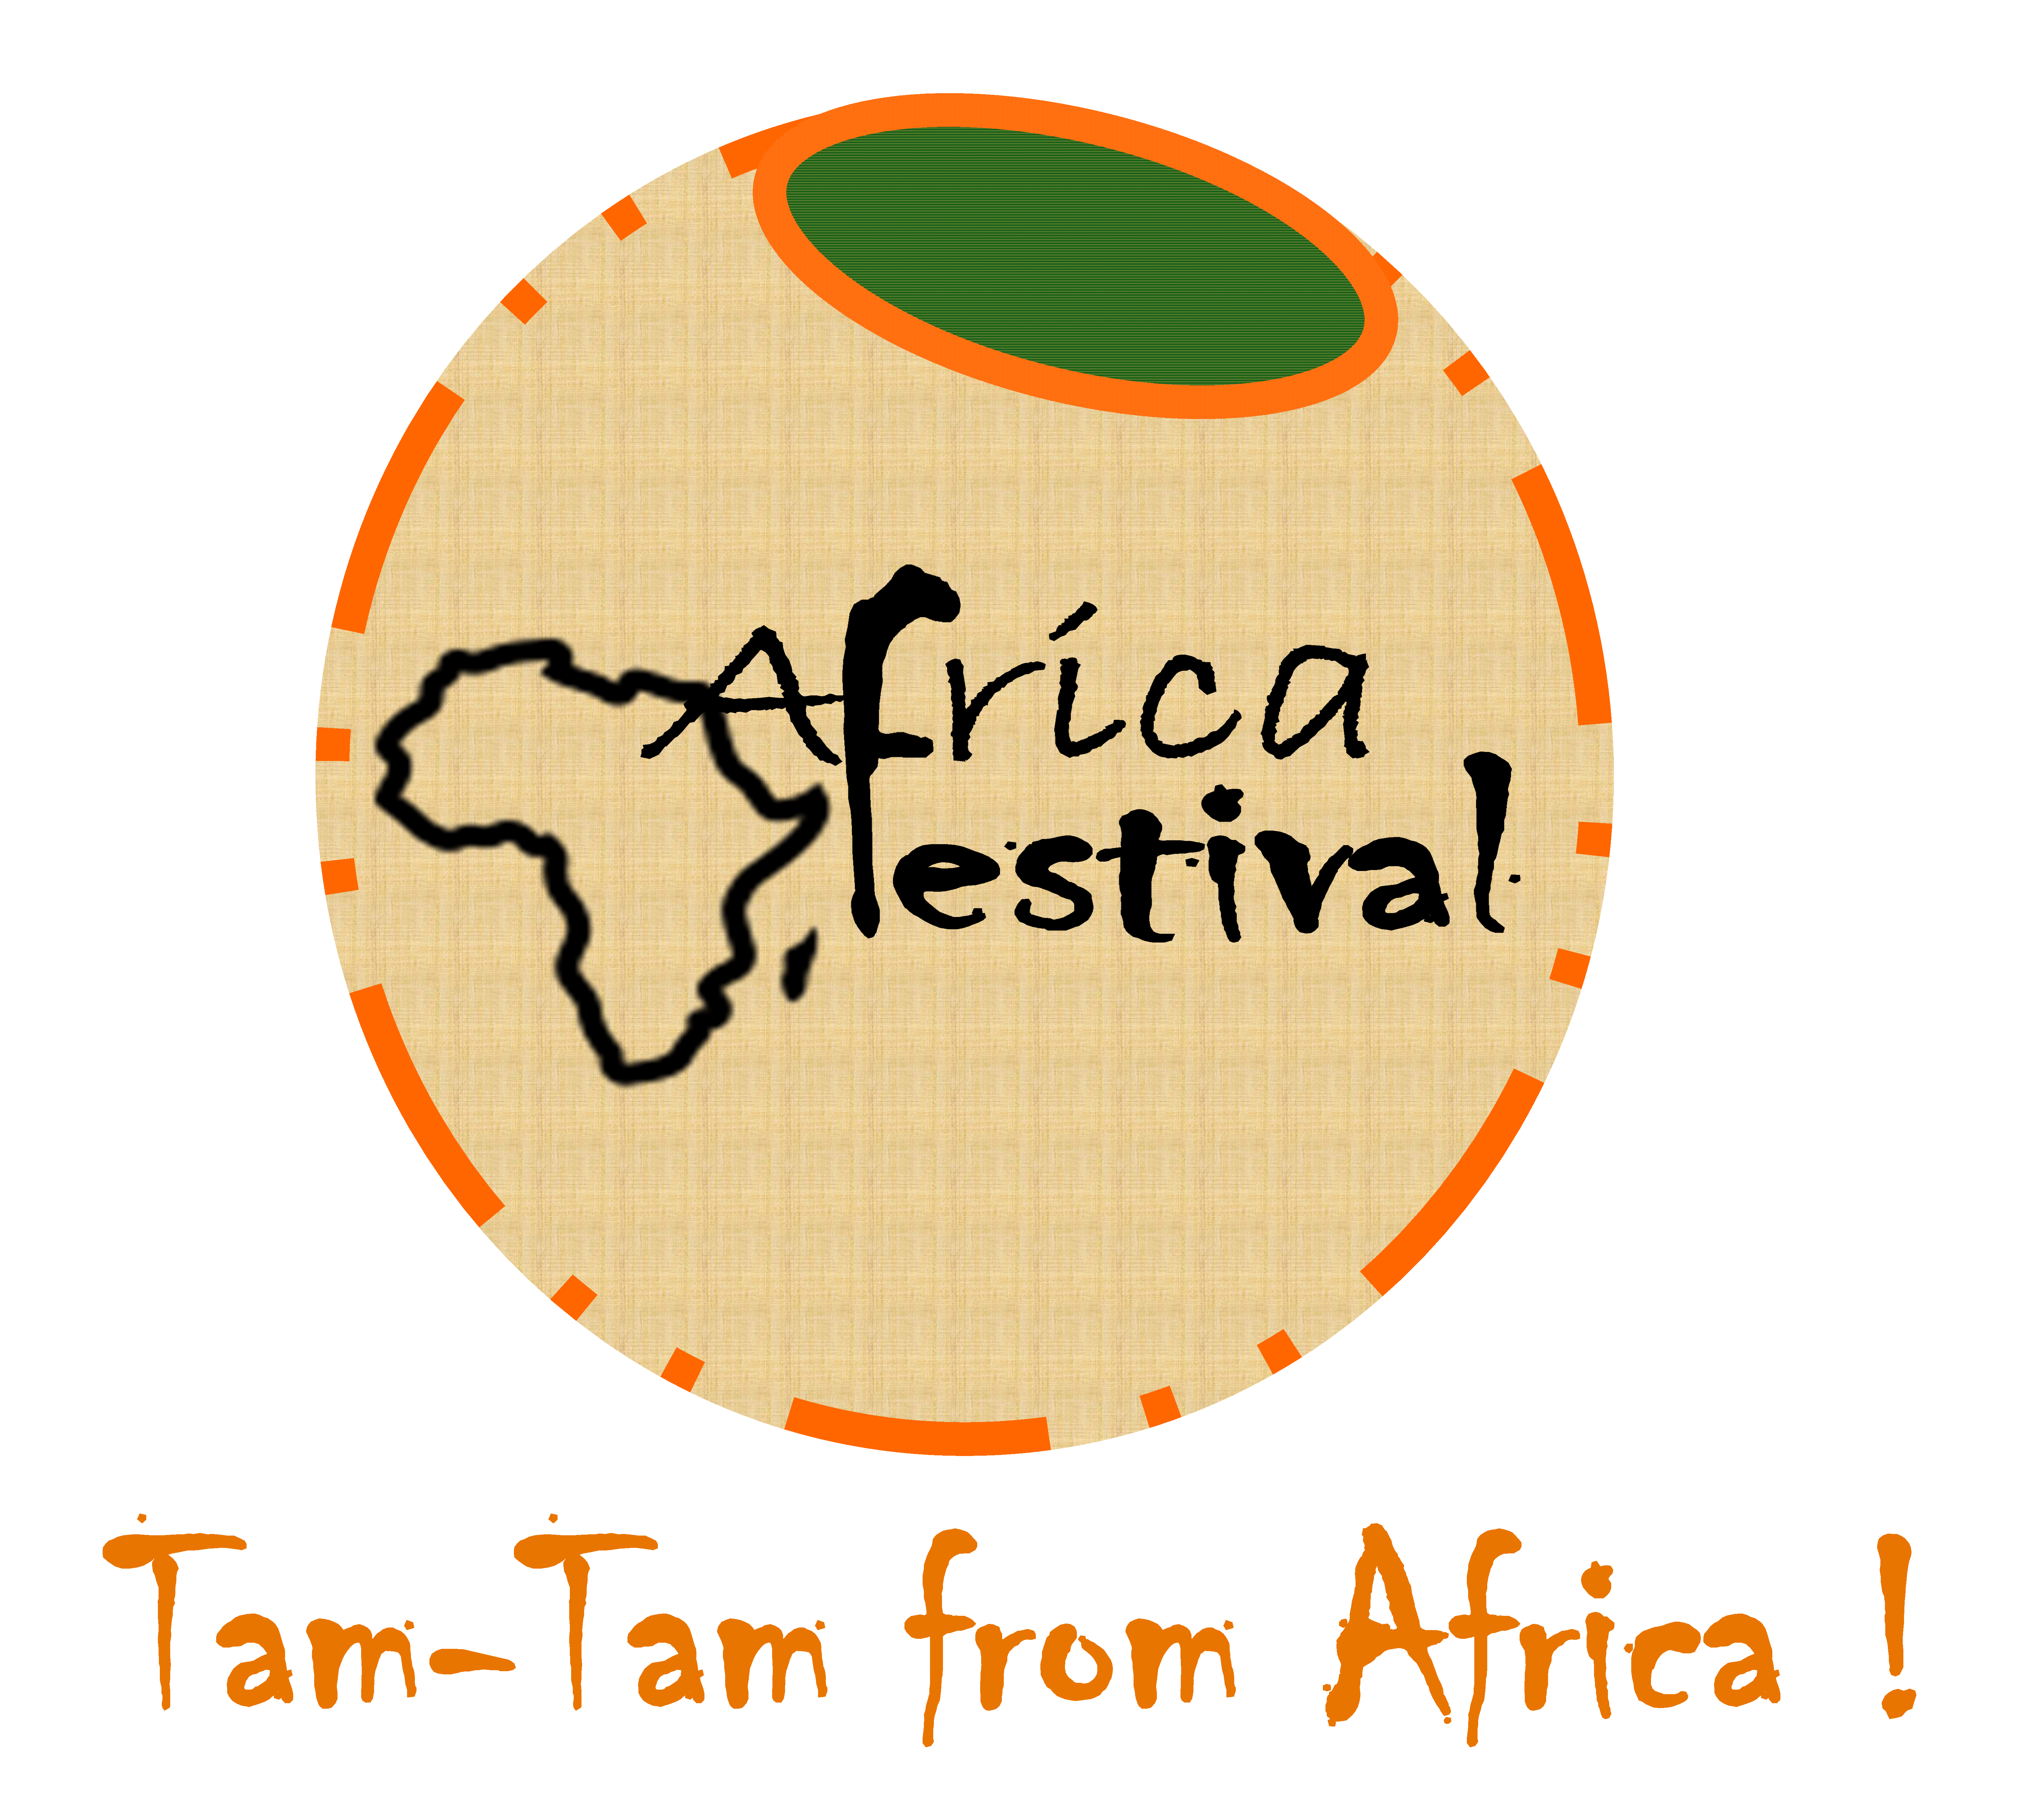 Africa Festival